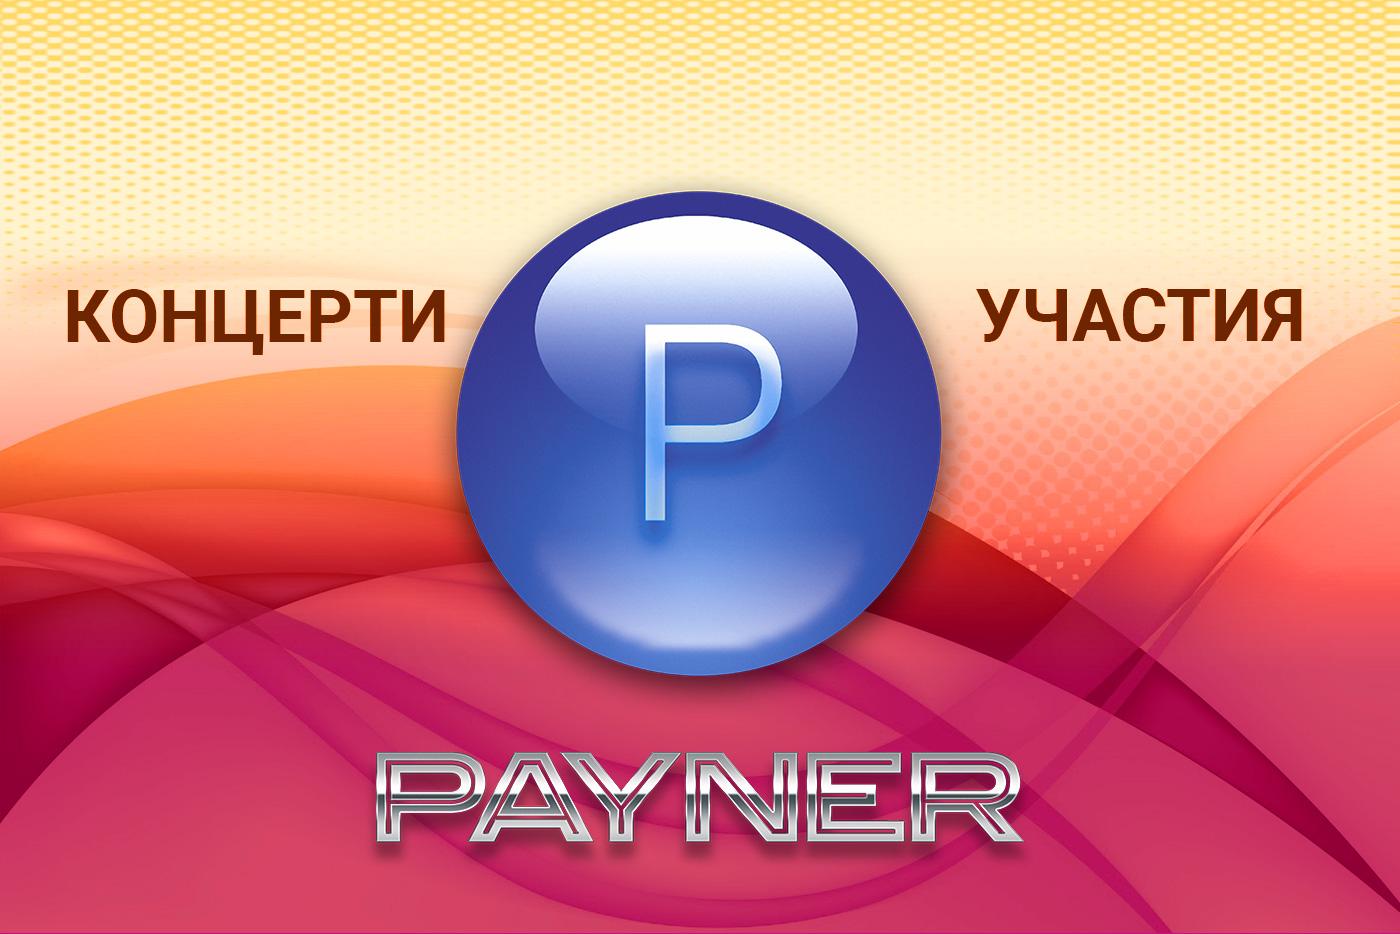 """Участия на звездите на """"Пайнер"""" на 06.06.2020"""